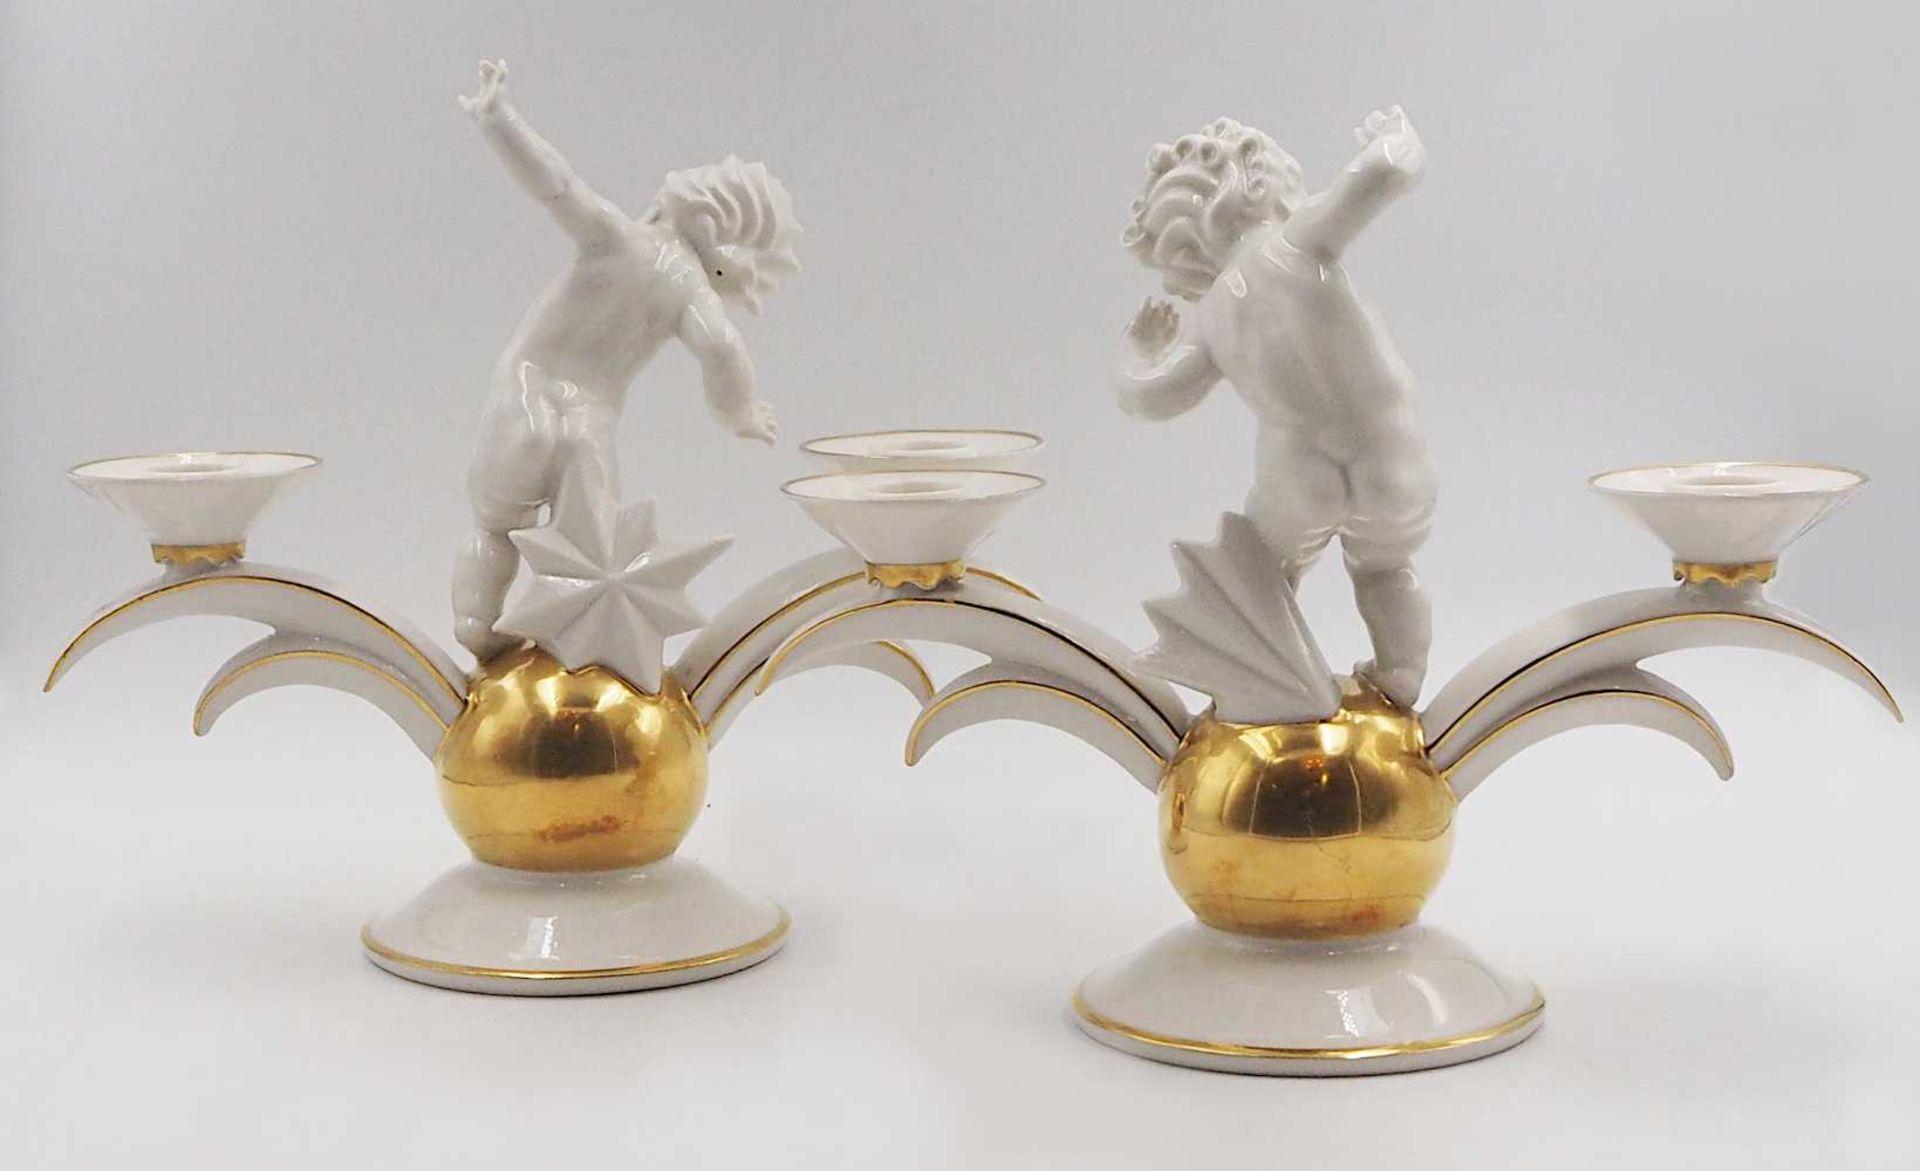 1 Pendant Kerzenleuchter Porzellan HUTSCHENREUTHER, z.T. US-Zone Designer: K. TUTTER, - Bild 2 aus 5